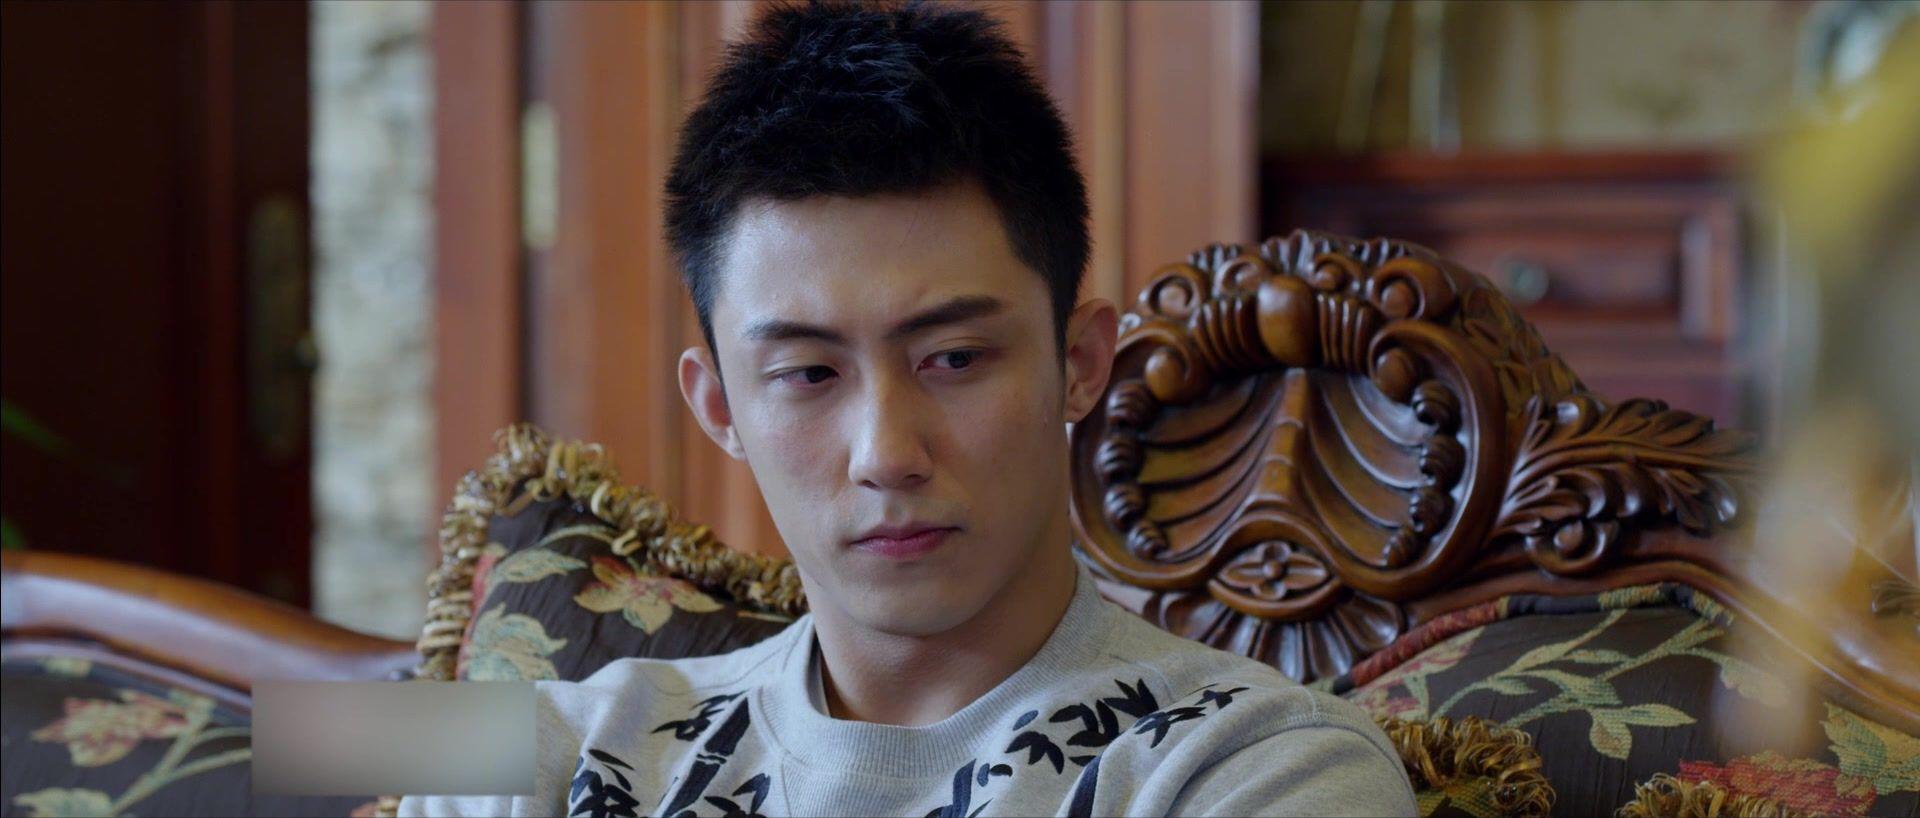 """Extrait de la websérie chinoise """"Accro"""", mettant en scène l'histoire d'un couple homosexuel. (Source : Viki.com)"""